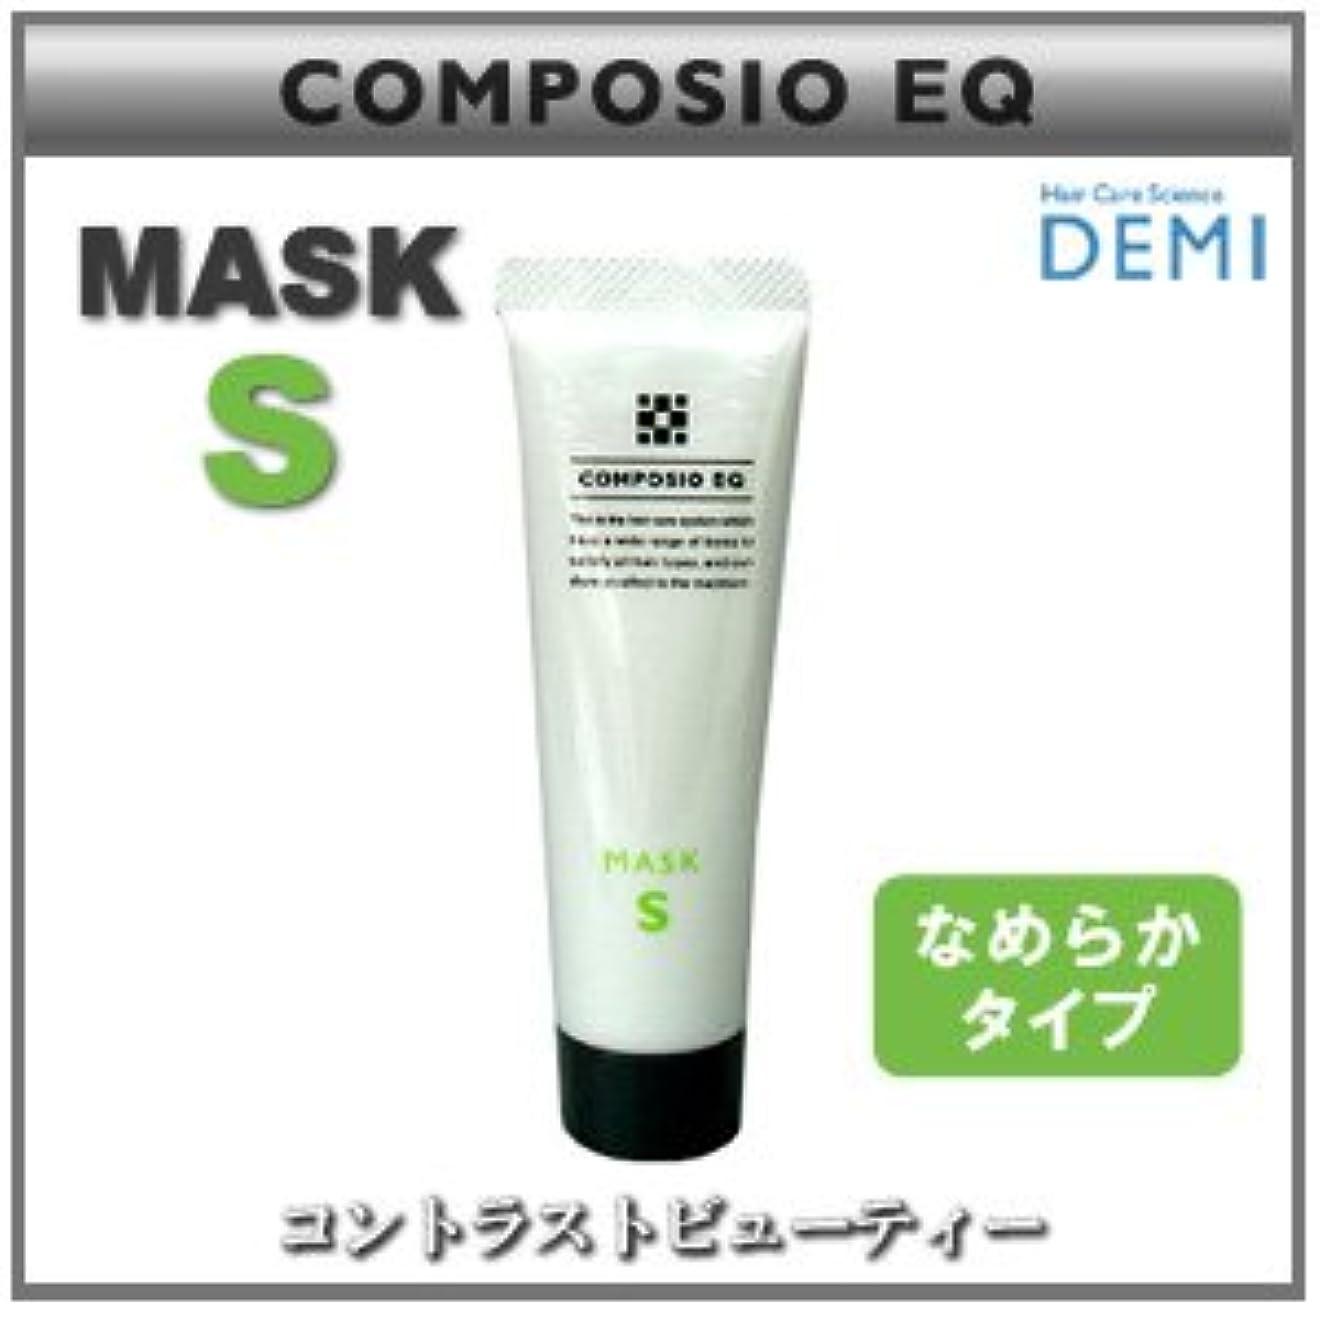 比率想像する次【X3個セット】 デミ コンポジオ EQ マスク S 50g